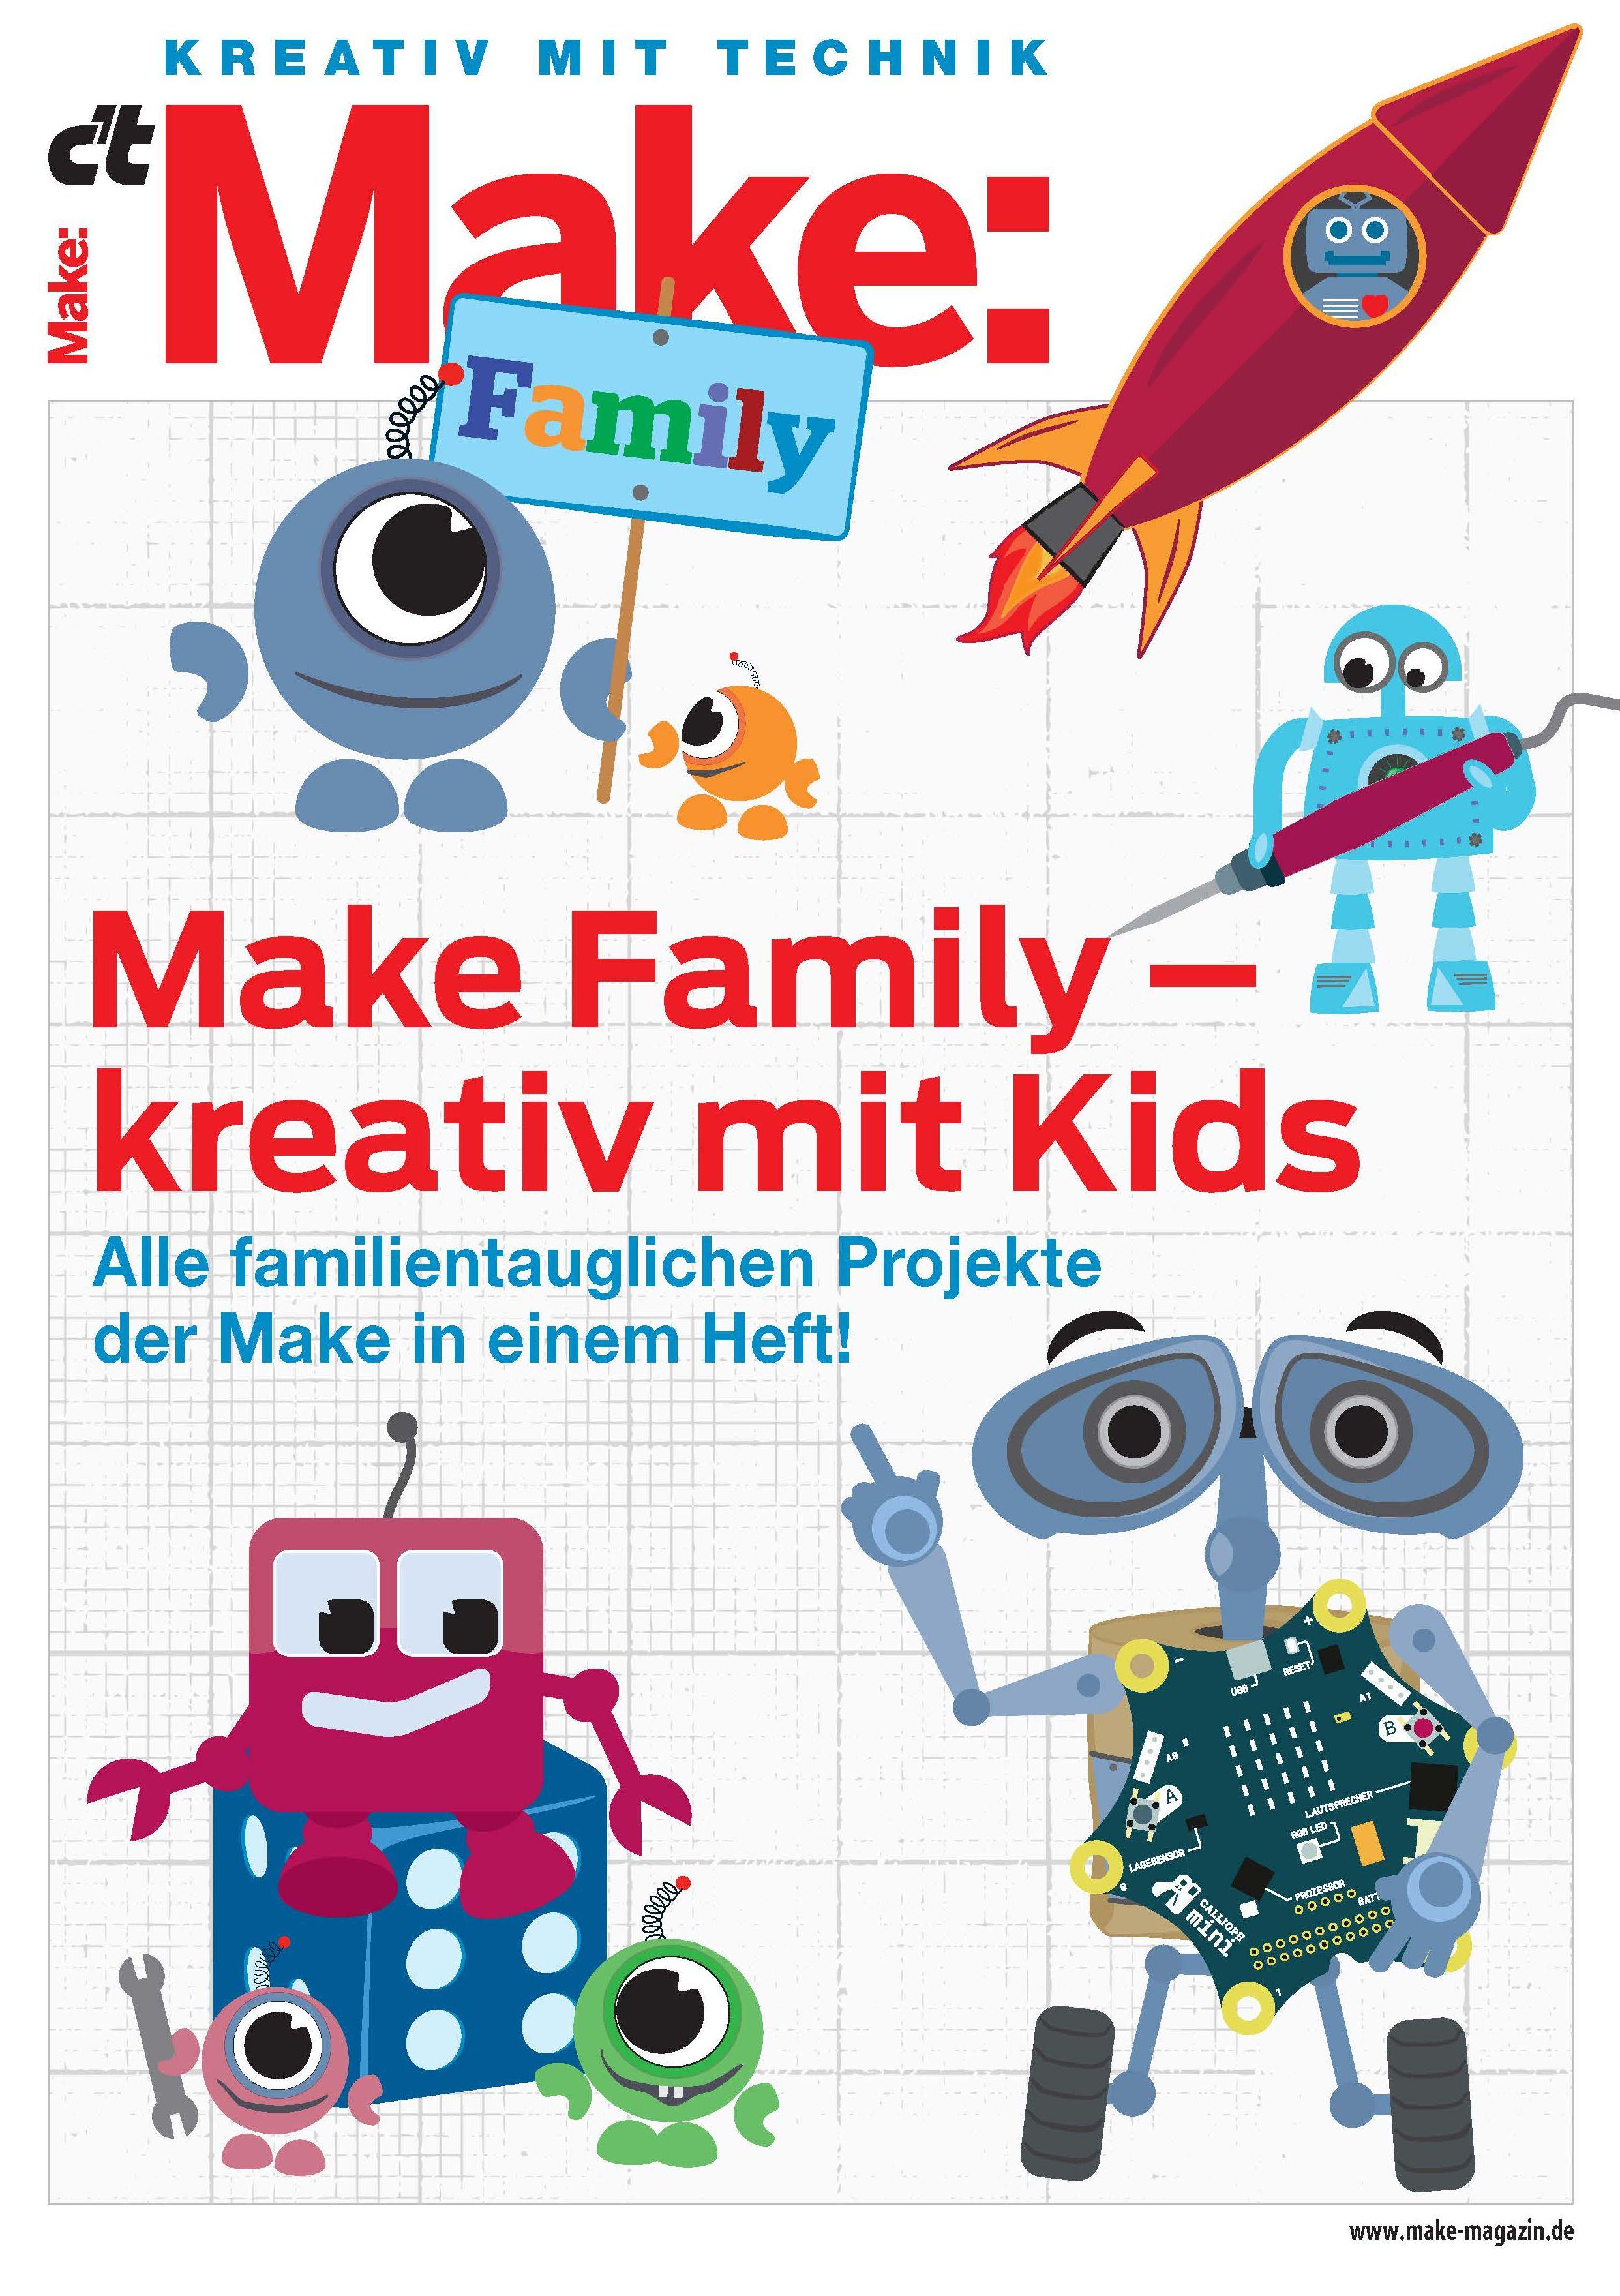 Make Family - kreativ mit Kids